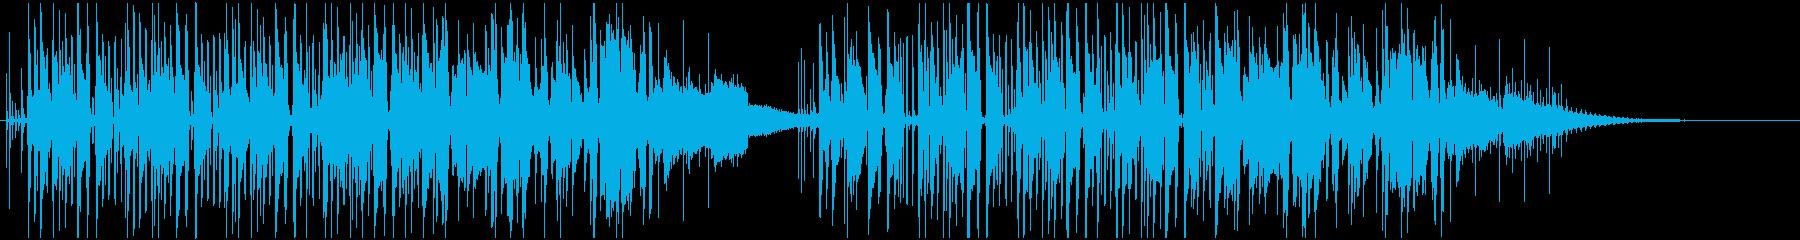 Kamiarianaの再生済みの波形